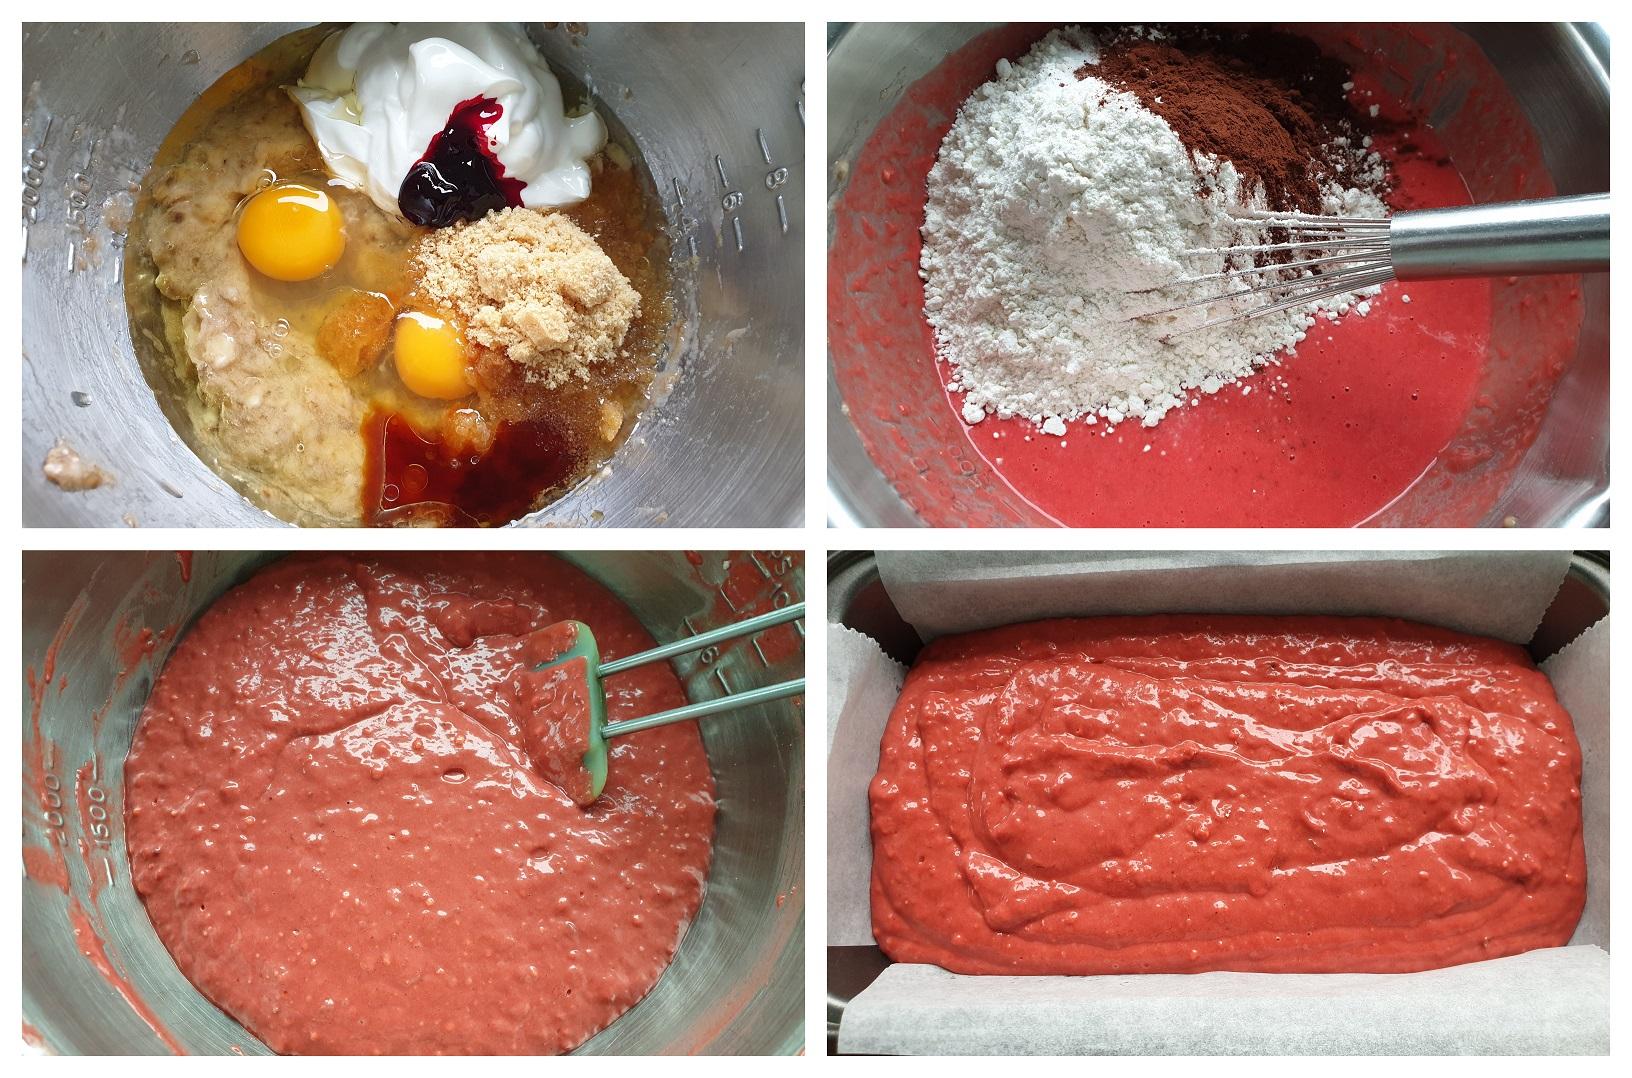 Beslag van het bananenbrood maken